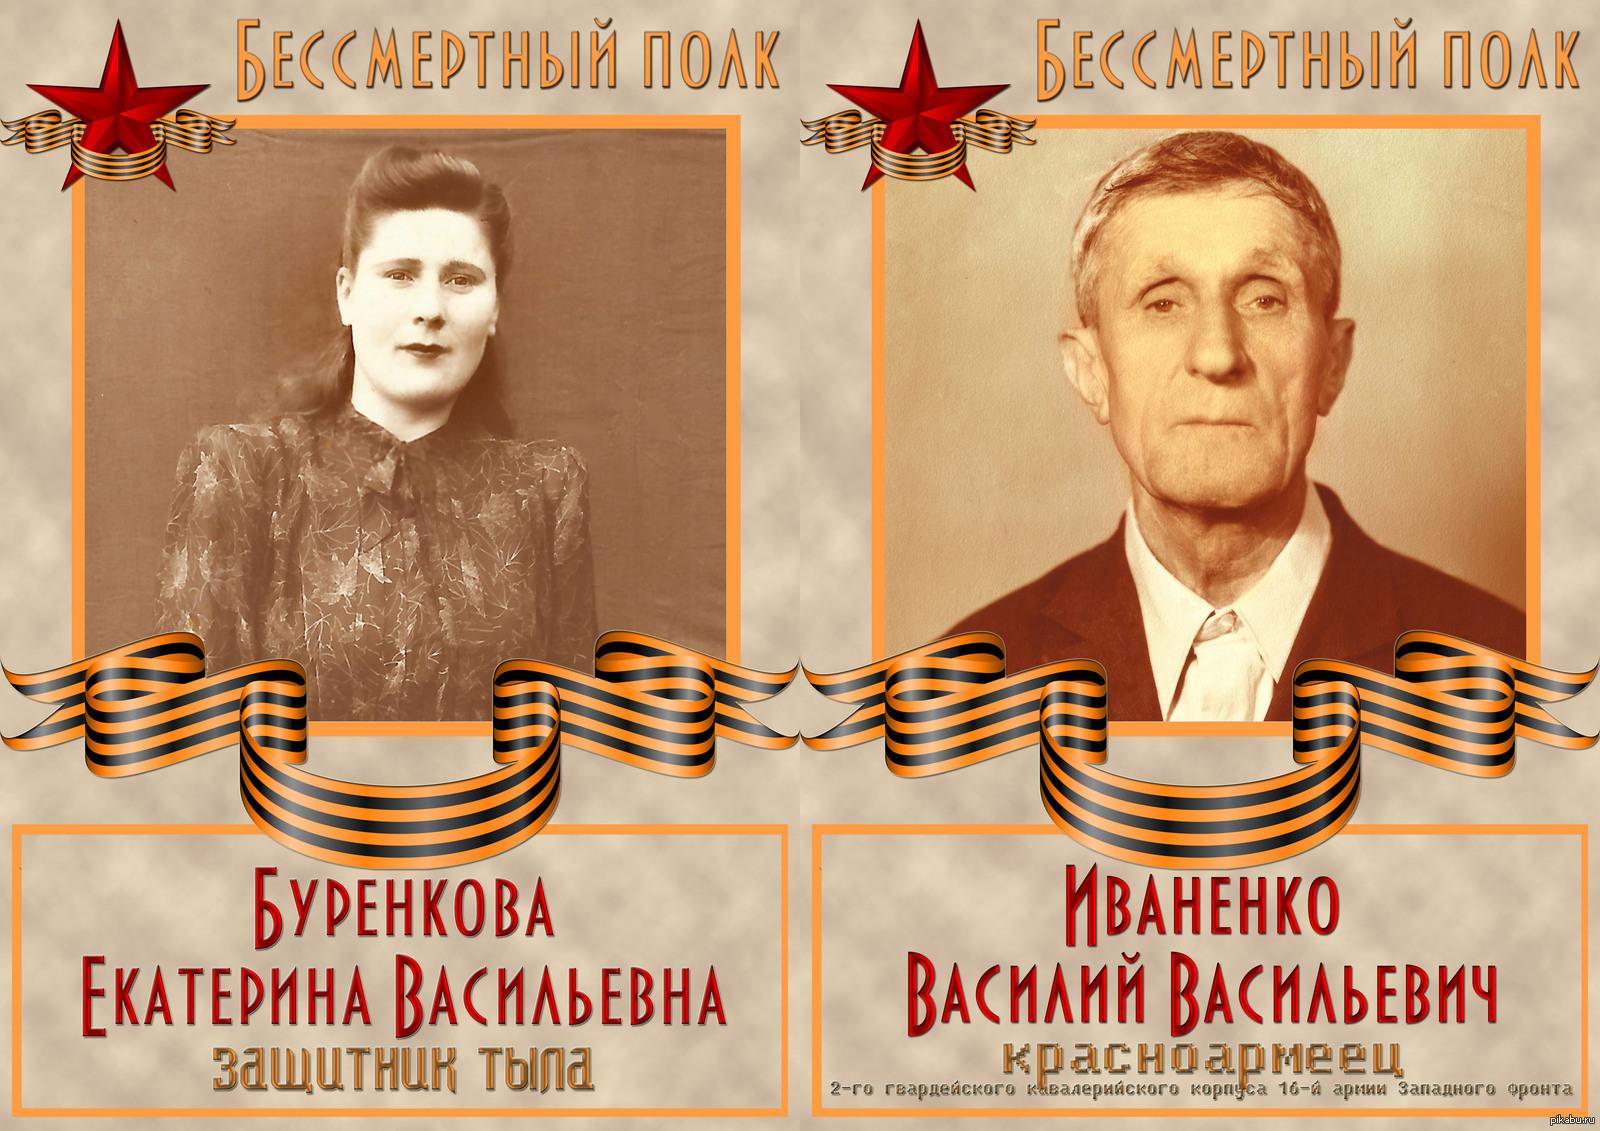 Ошибка :: Компьютерный форум poiskobuvi.ru